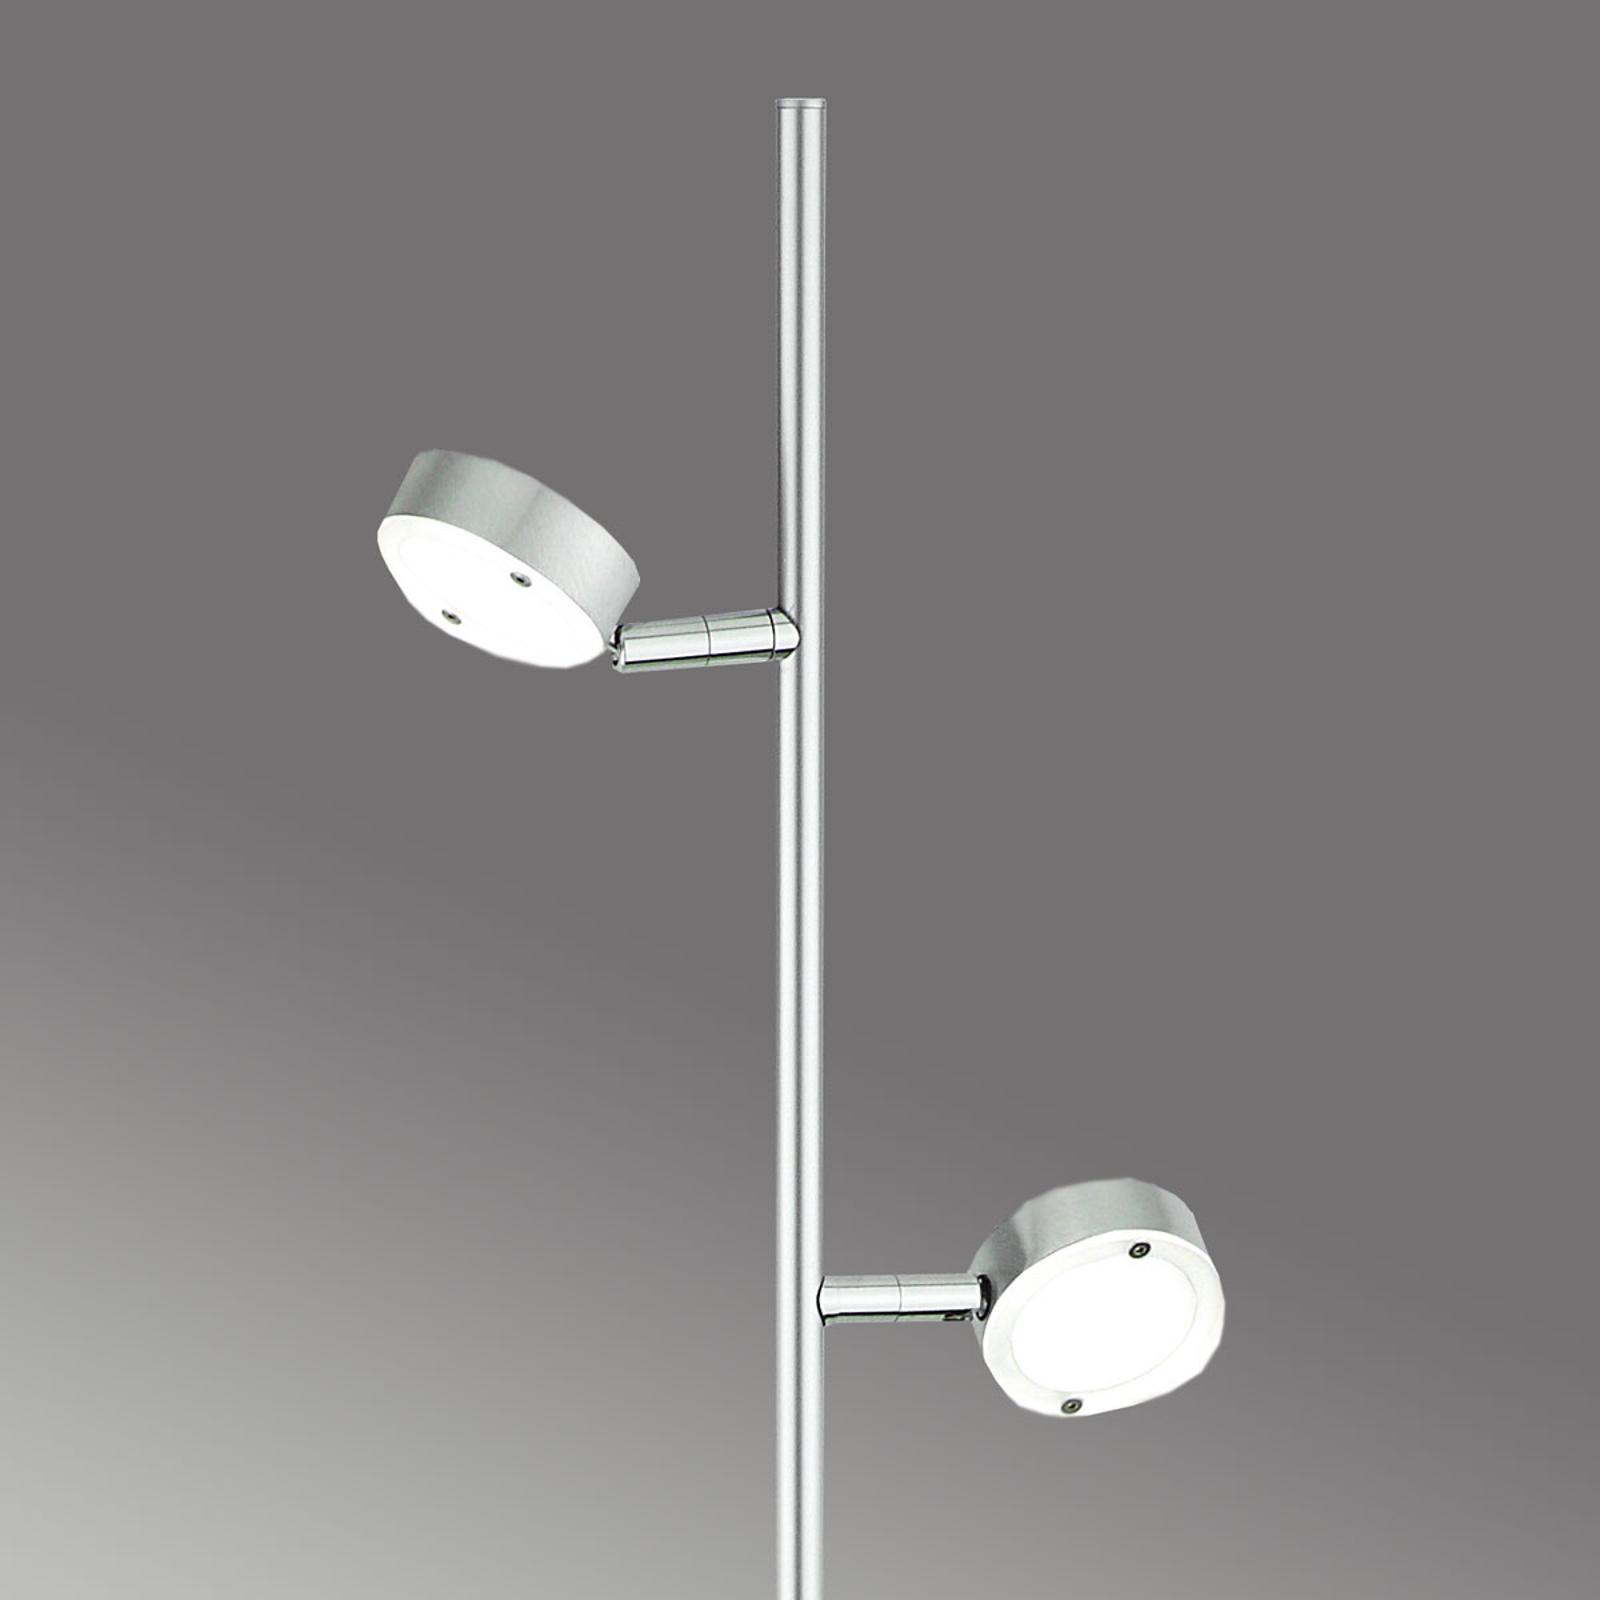 Minimalistická stolná LED lampa SATURN 2-plameňová_1524107_1